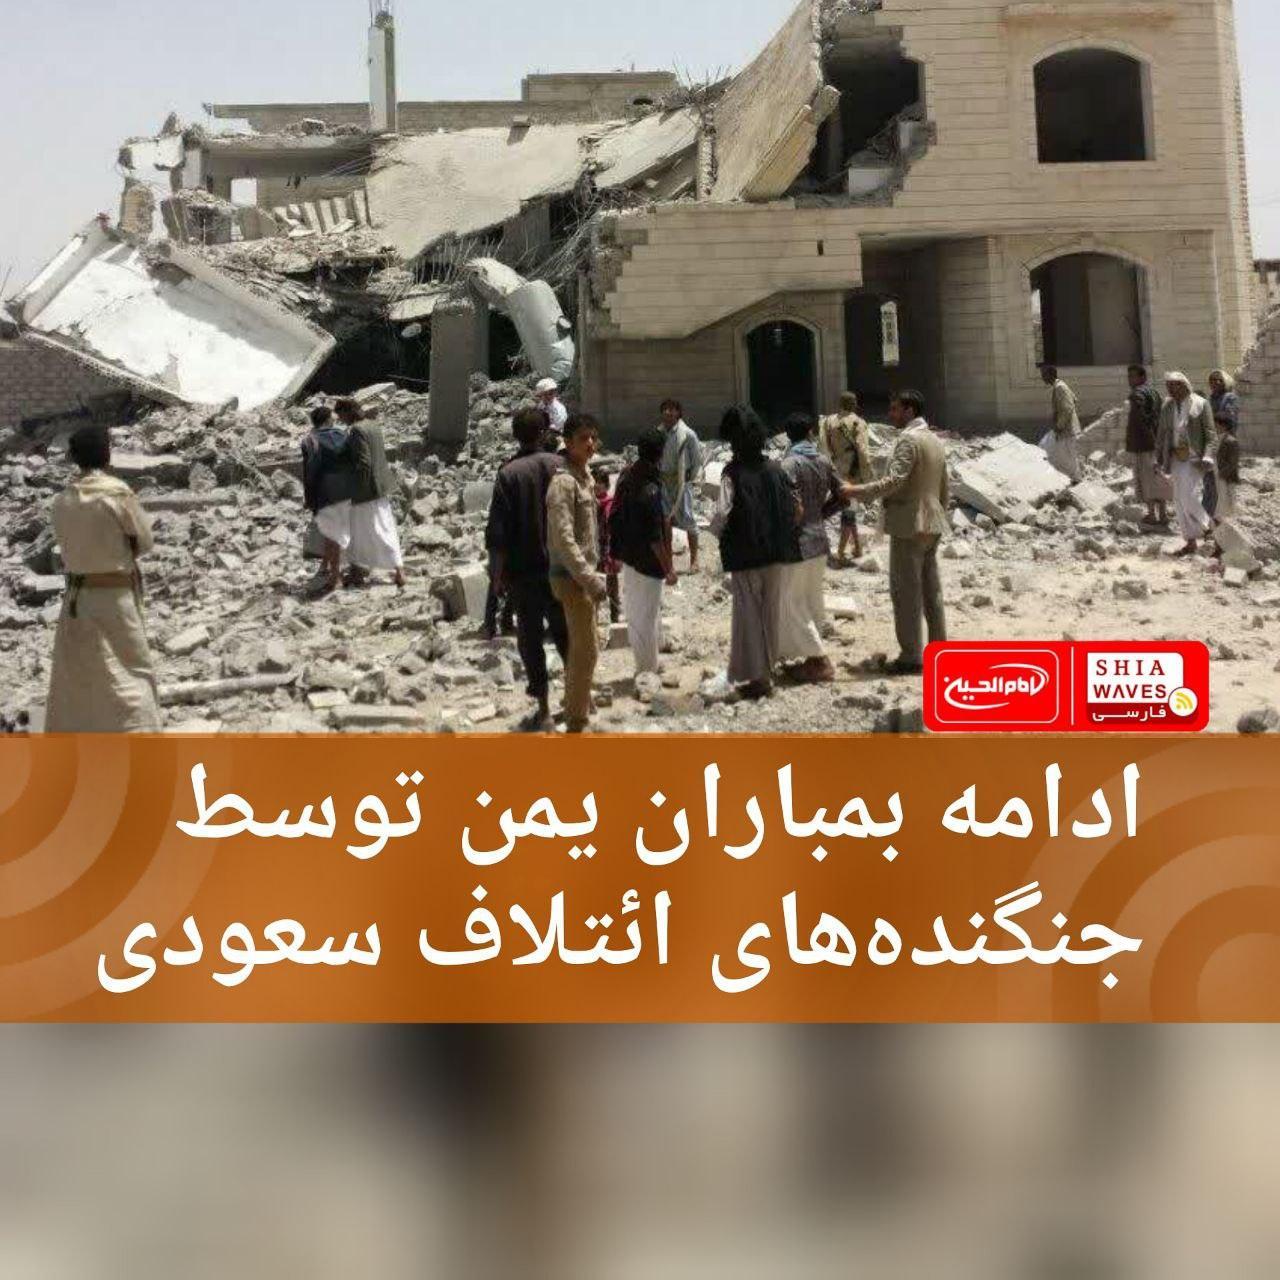 تصویر ادامه بمباران یمن توسط جنگندههای ائتلاف سعودی